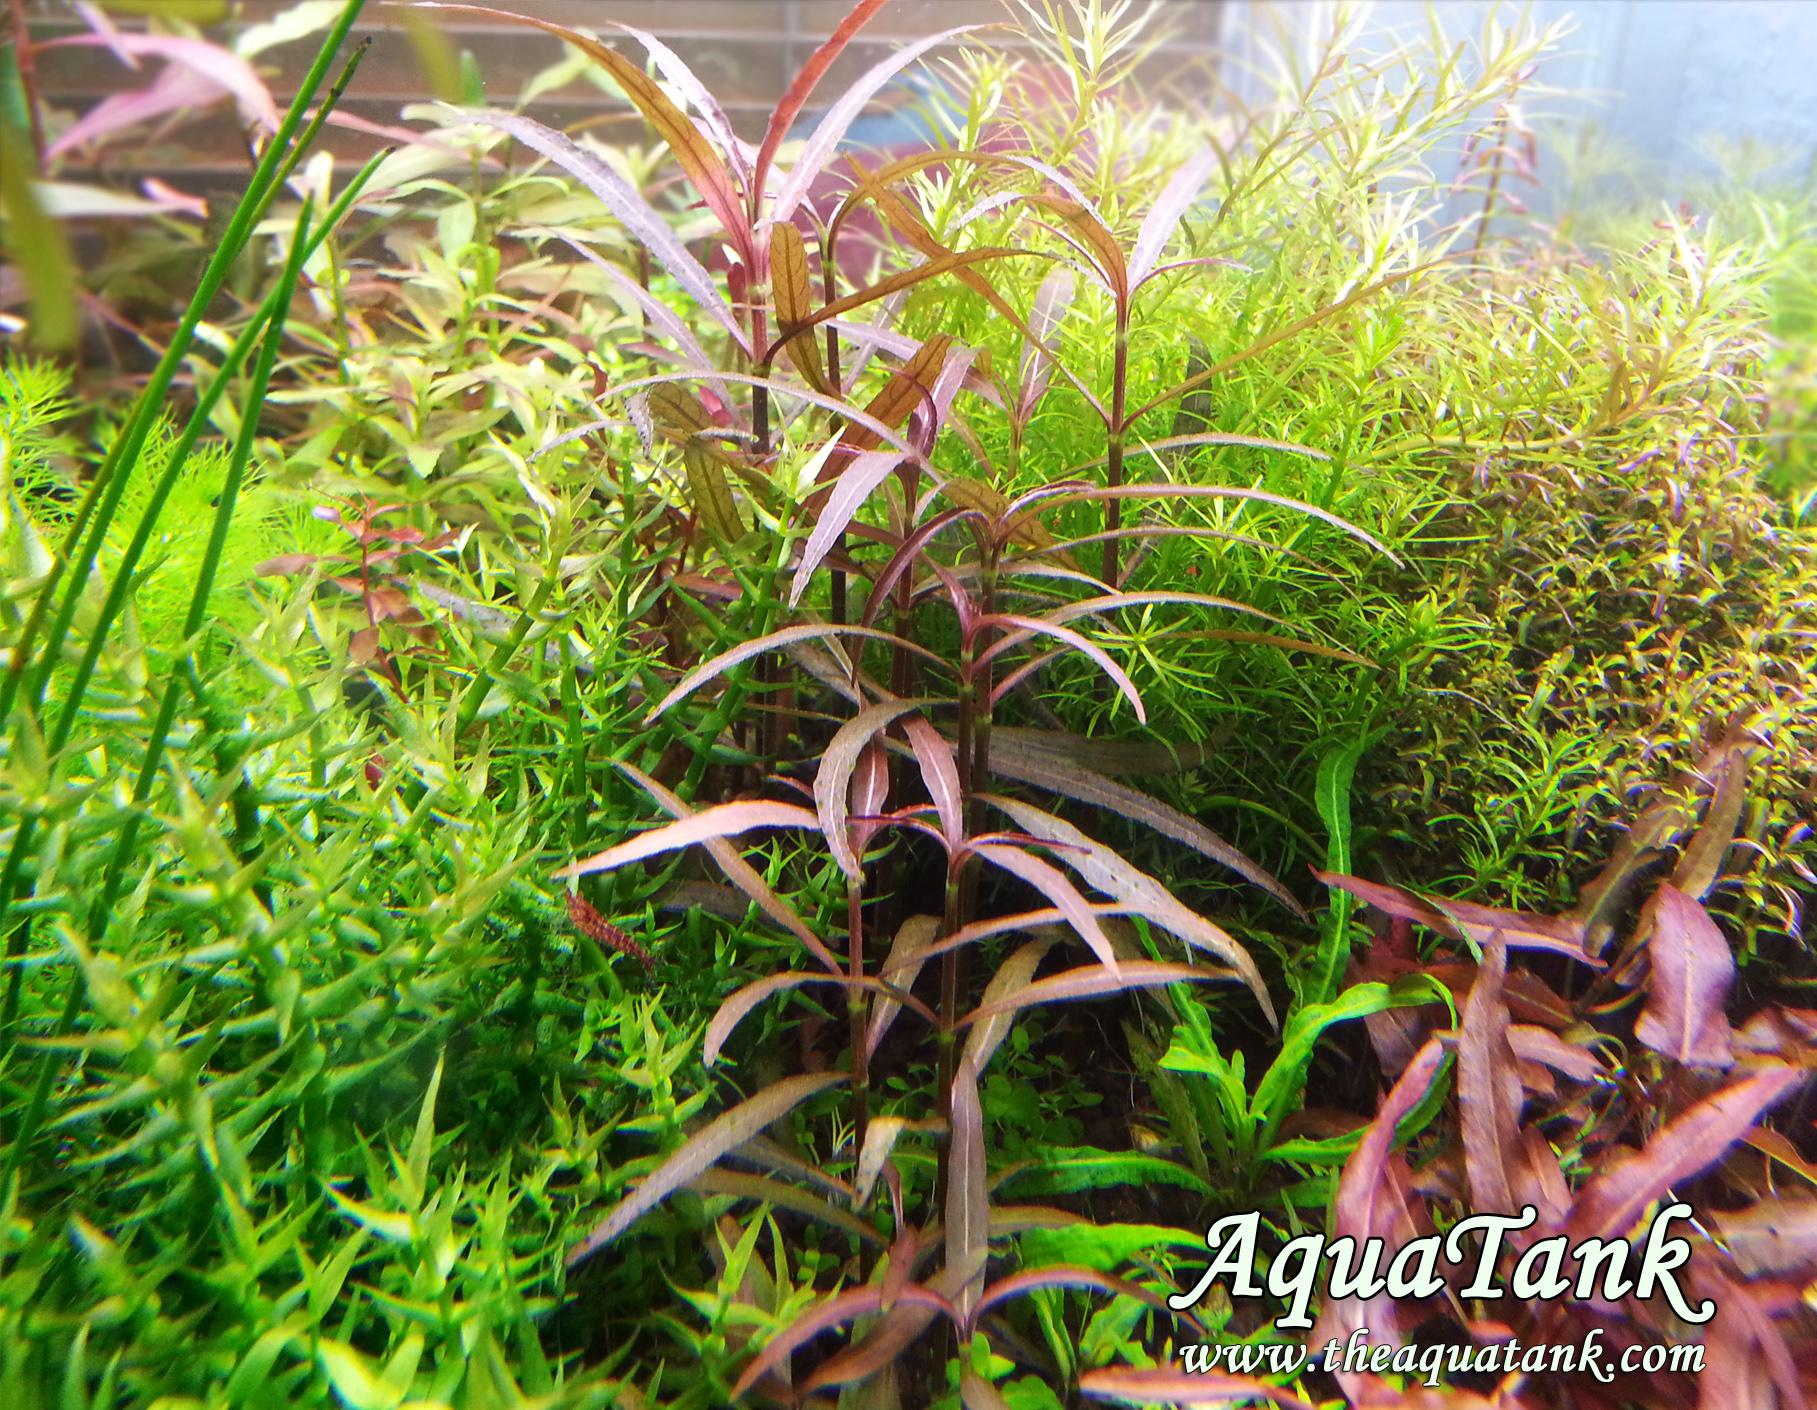 hygrophila lancea aquarium plant aquatank rare aquarium